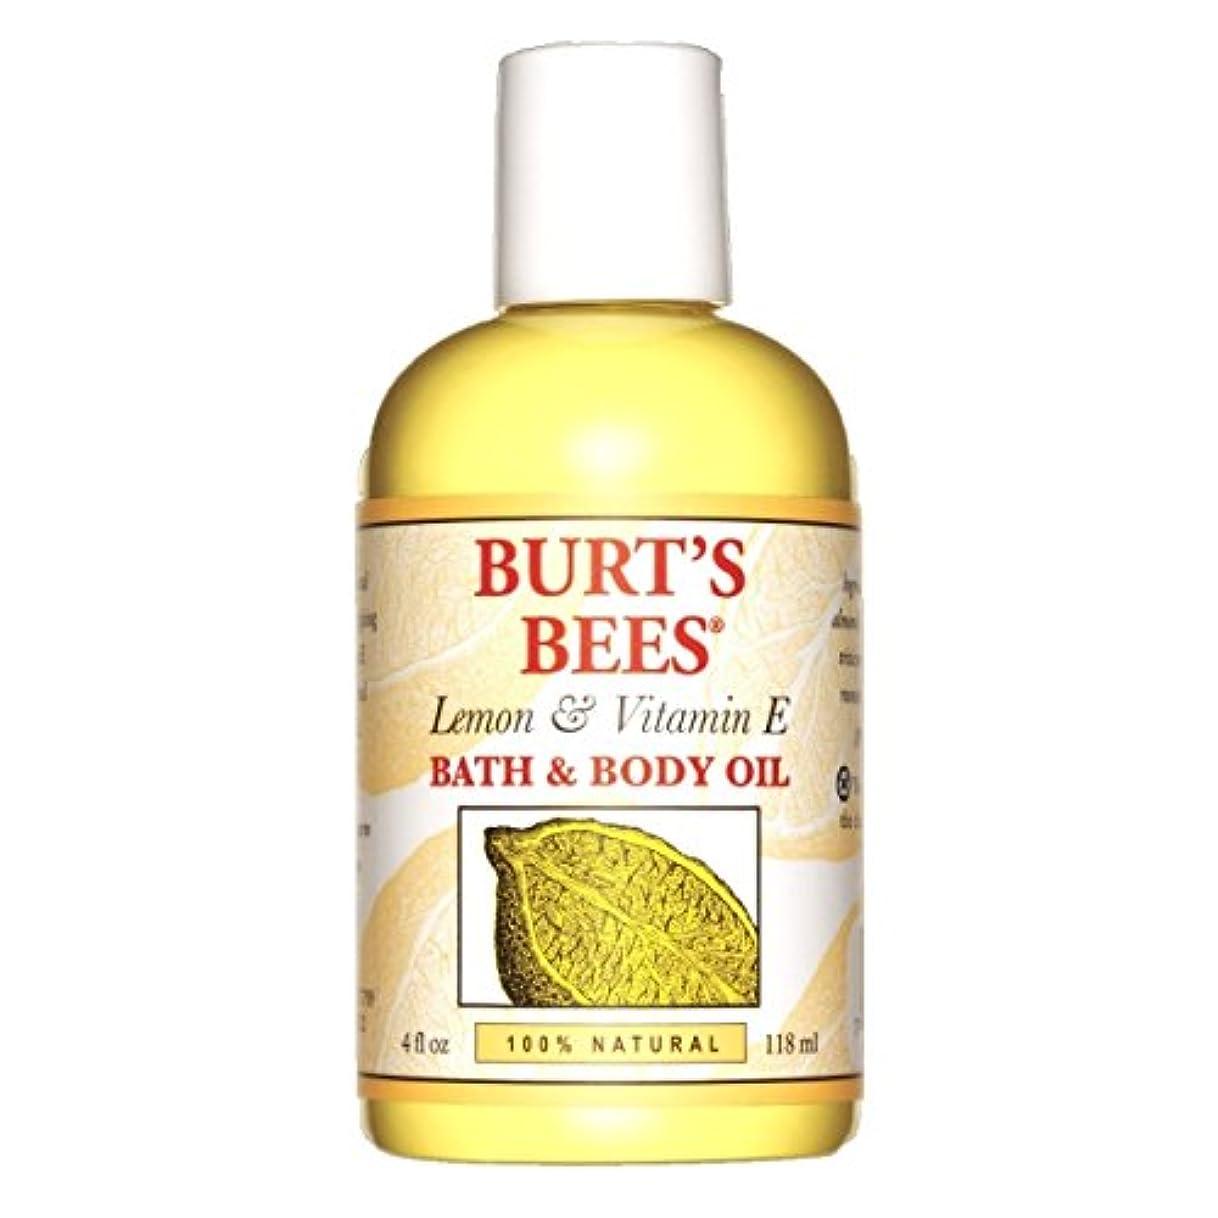 安心させる徹底的にインセンティブバーツビーズ(Burt's Bees) レモン&ビタミンE バスアンドボディオイル 118ml [海外直送品][並行輸入品]